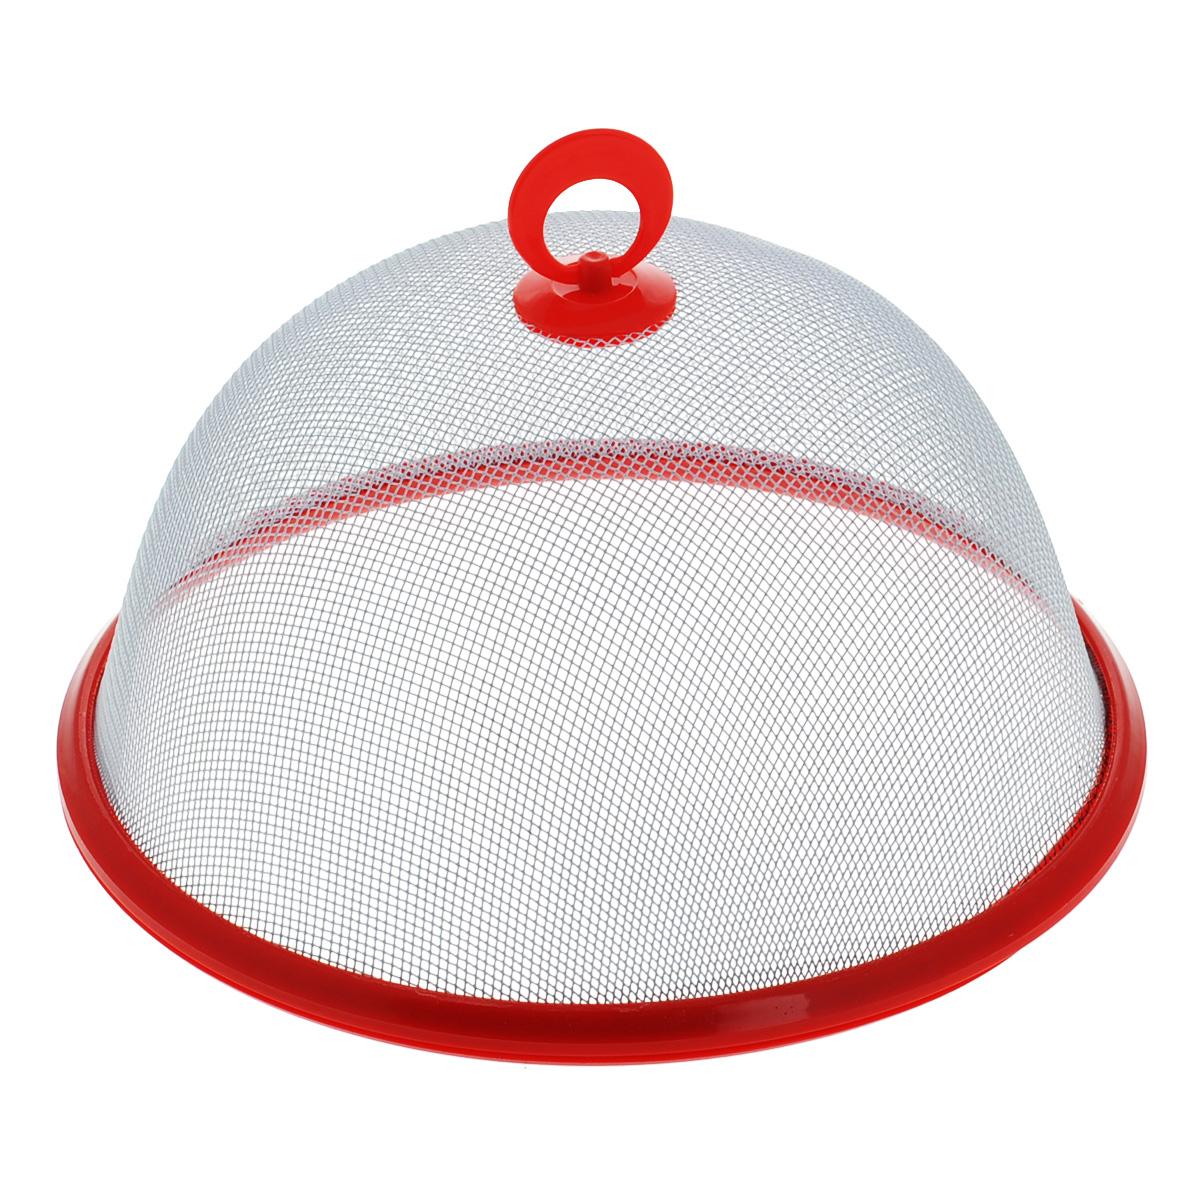 Крышка-защита от насекомых Regent Inox Linea Pronto, диаметр 26 см сито regent inox pronto диаметр 22 см